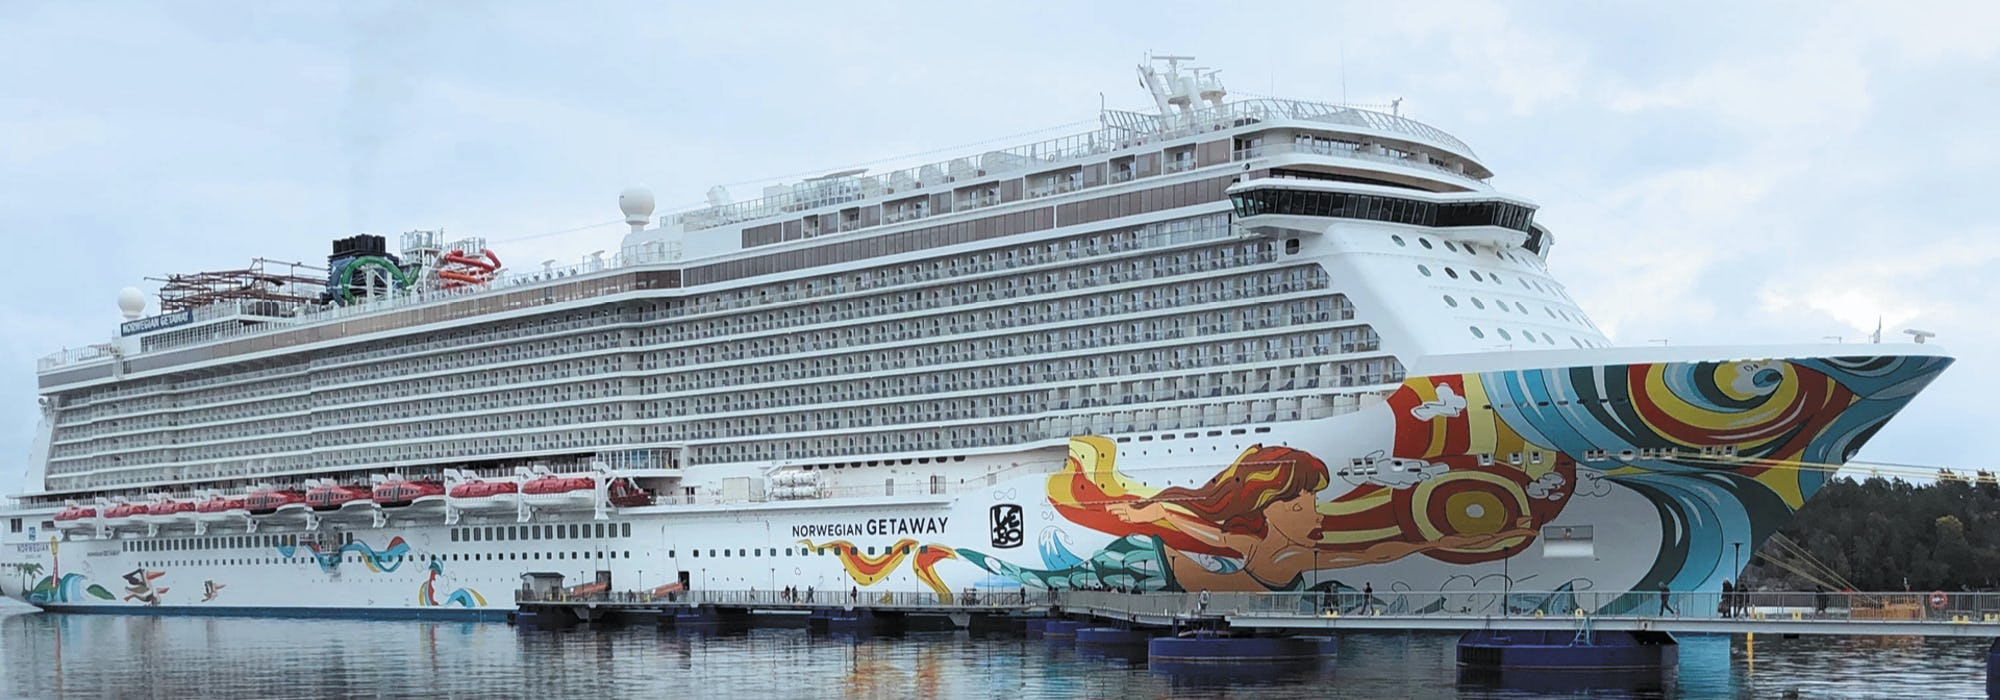 Norwegian Getaway står ankrad i hamn.